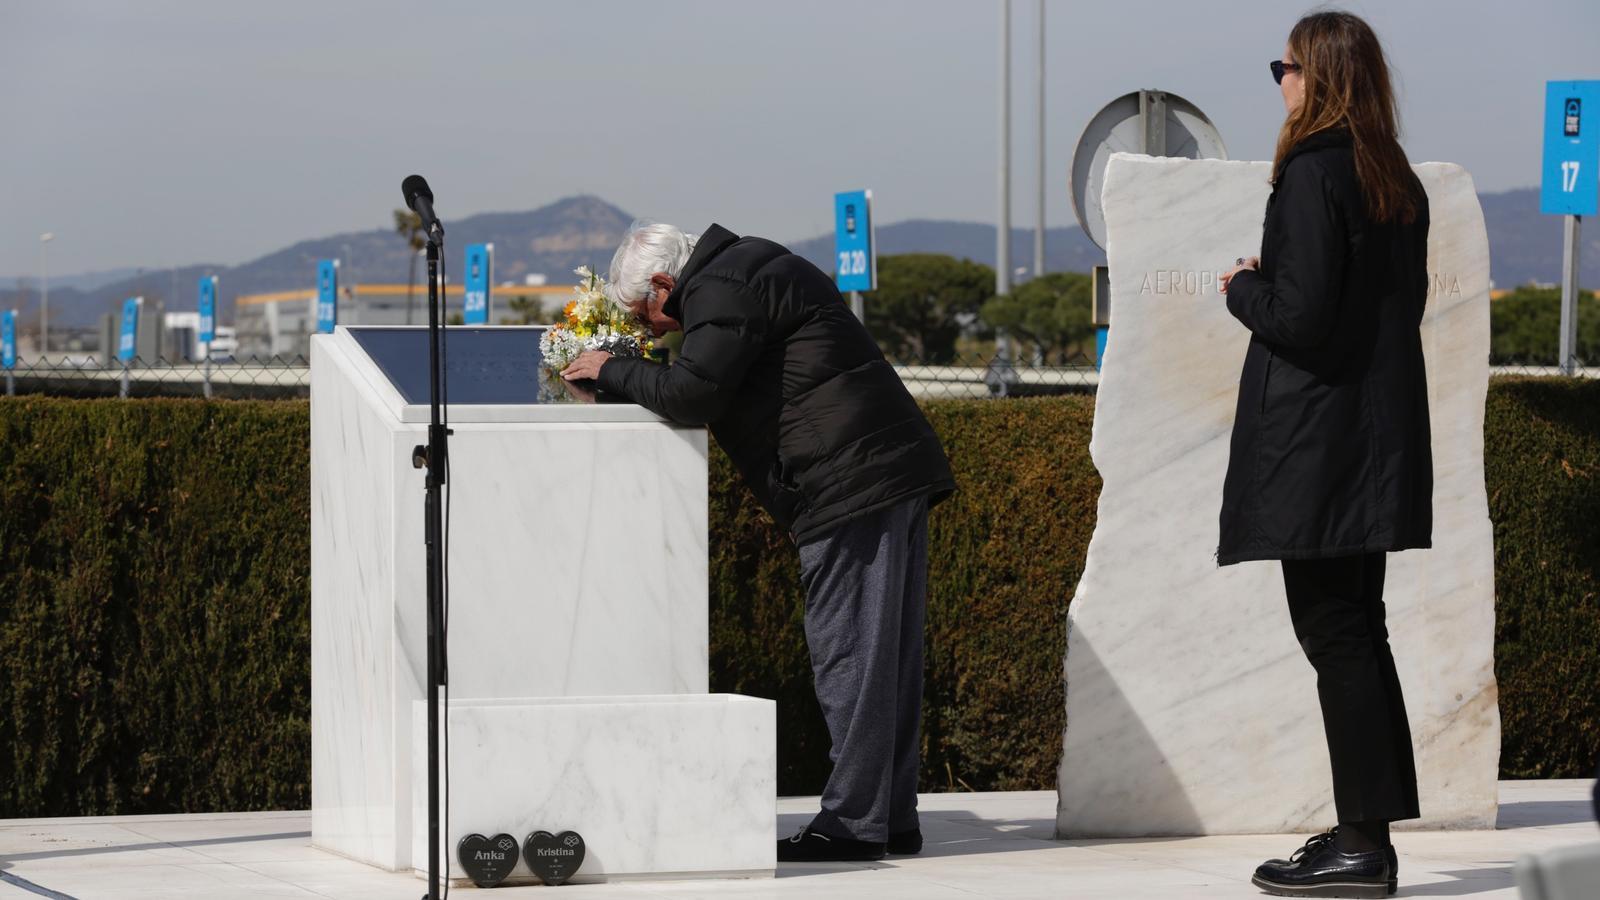 Lufthansa, a judici pel pànic que van patir les víctimes de la tragèdia de Germanwings